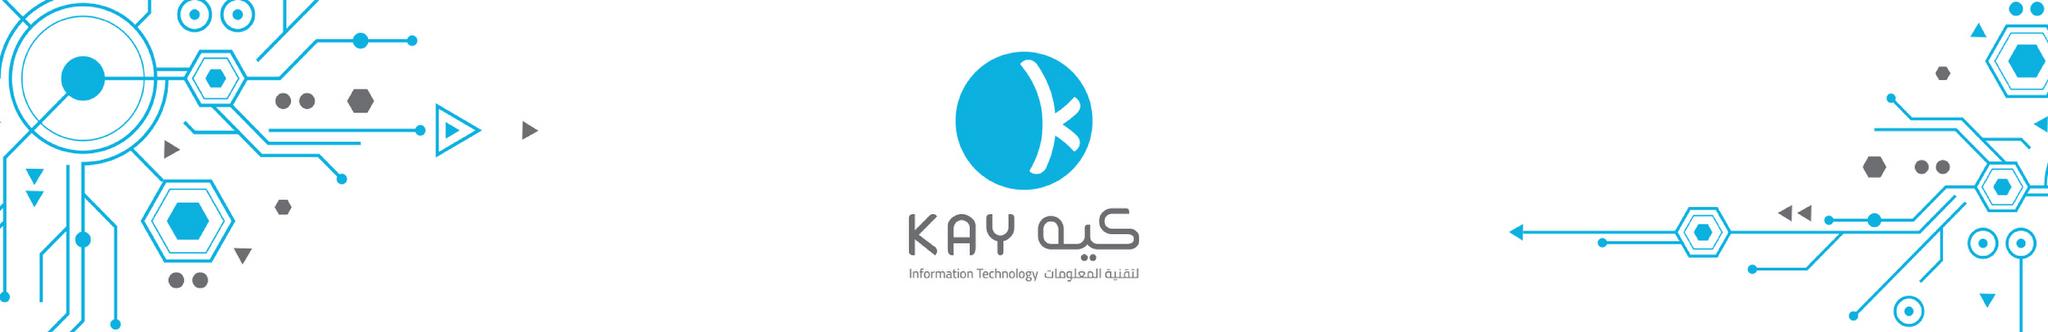 Kay Tech